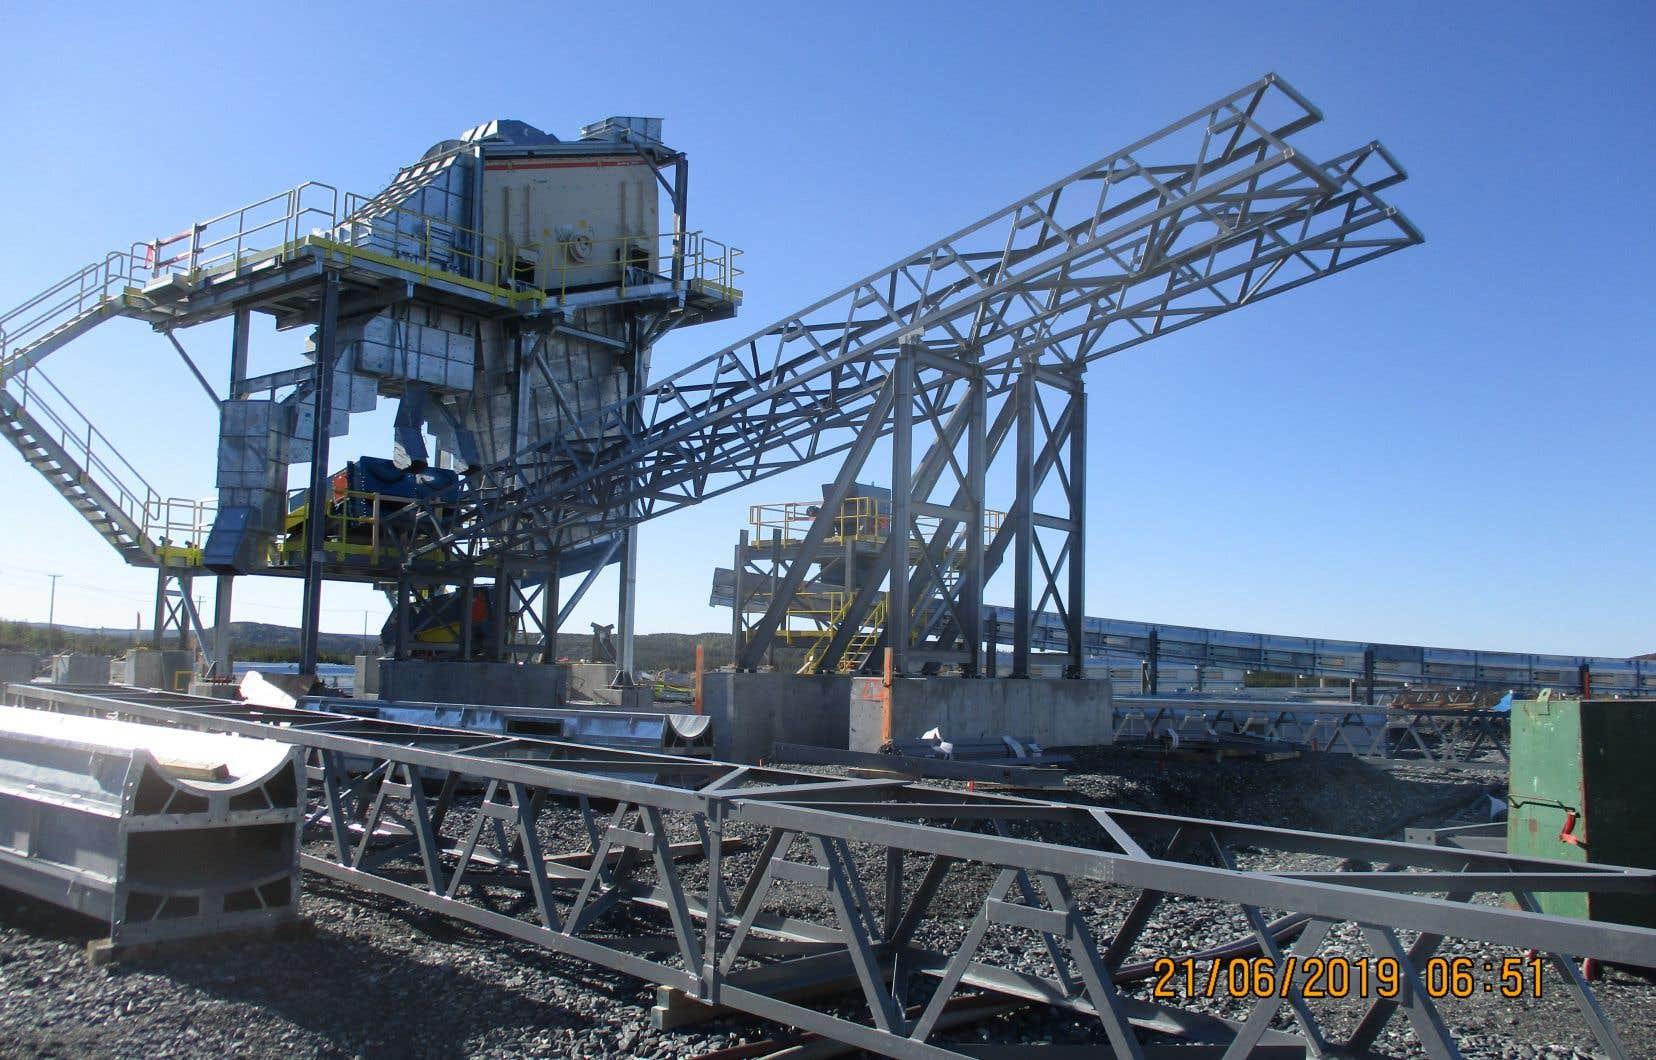 Installation de convoyeurs, à la mine Nemaska Lithium de Whabouchi, au nord de Chibougamau